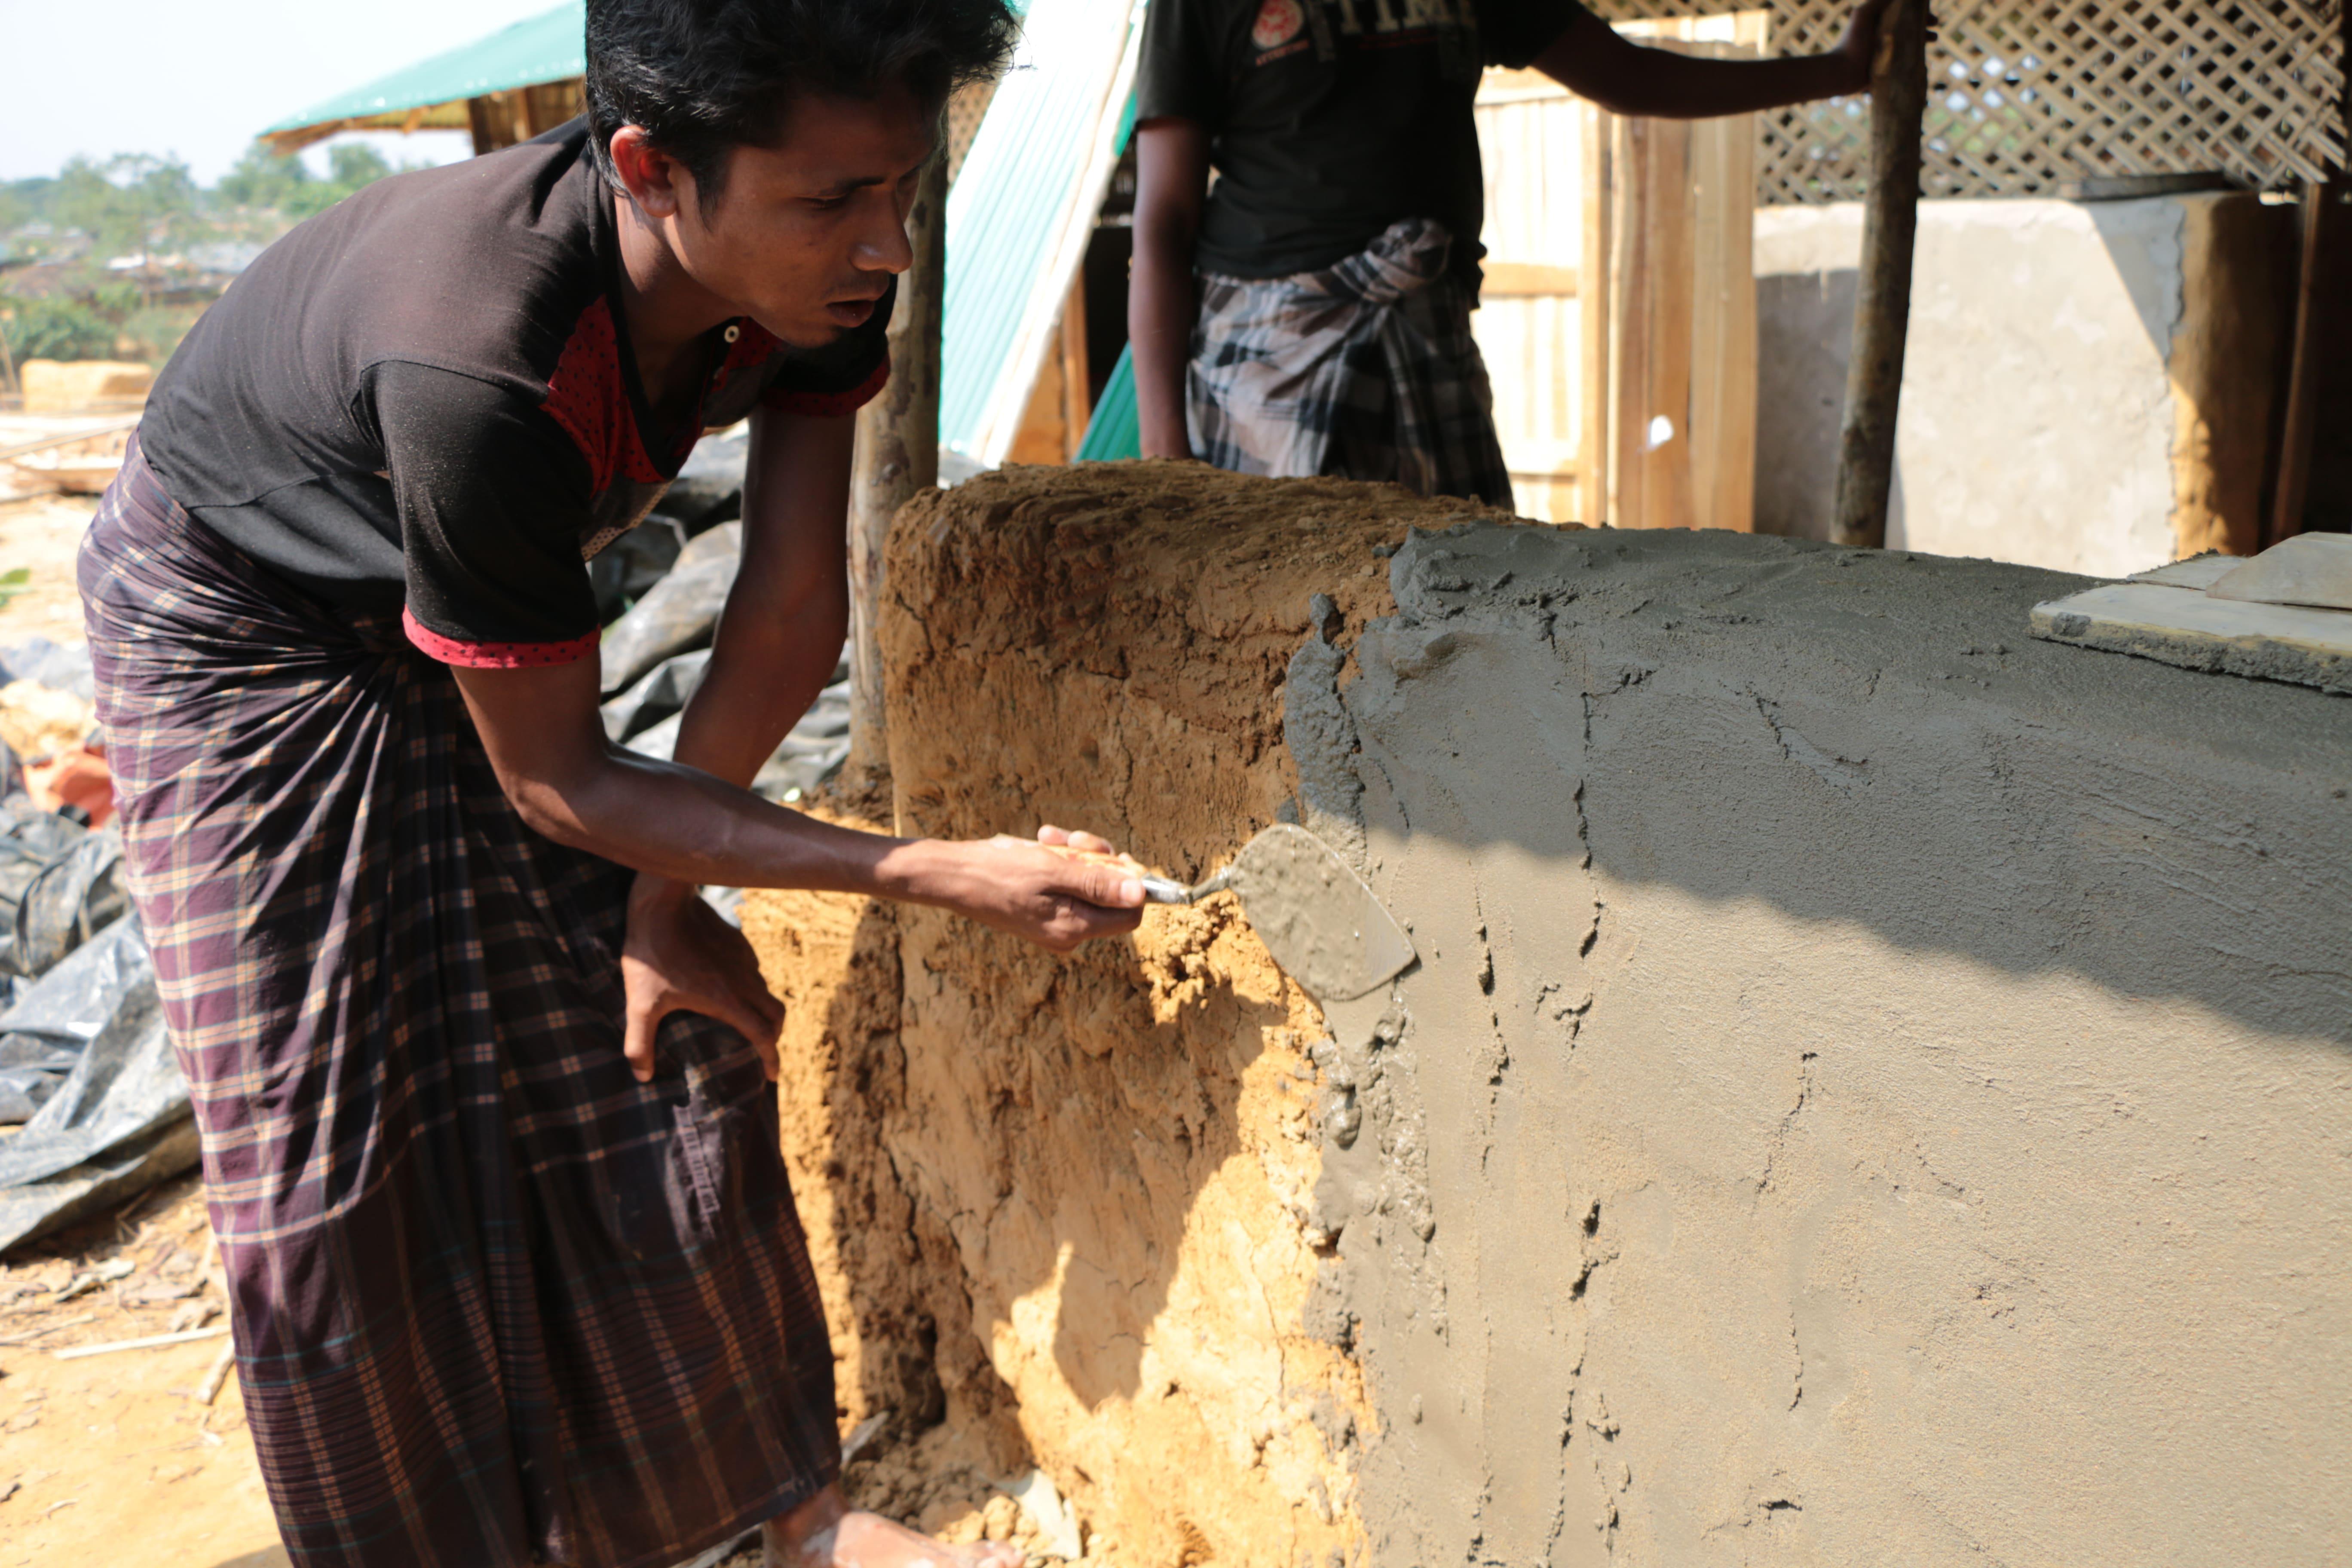 À  la veille de la mousson, le sort des Rohingya s'assombrit